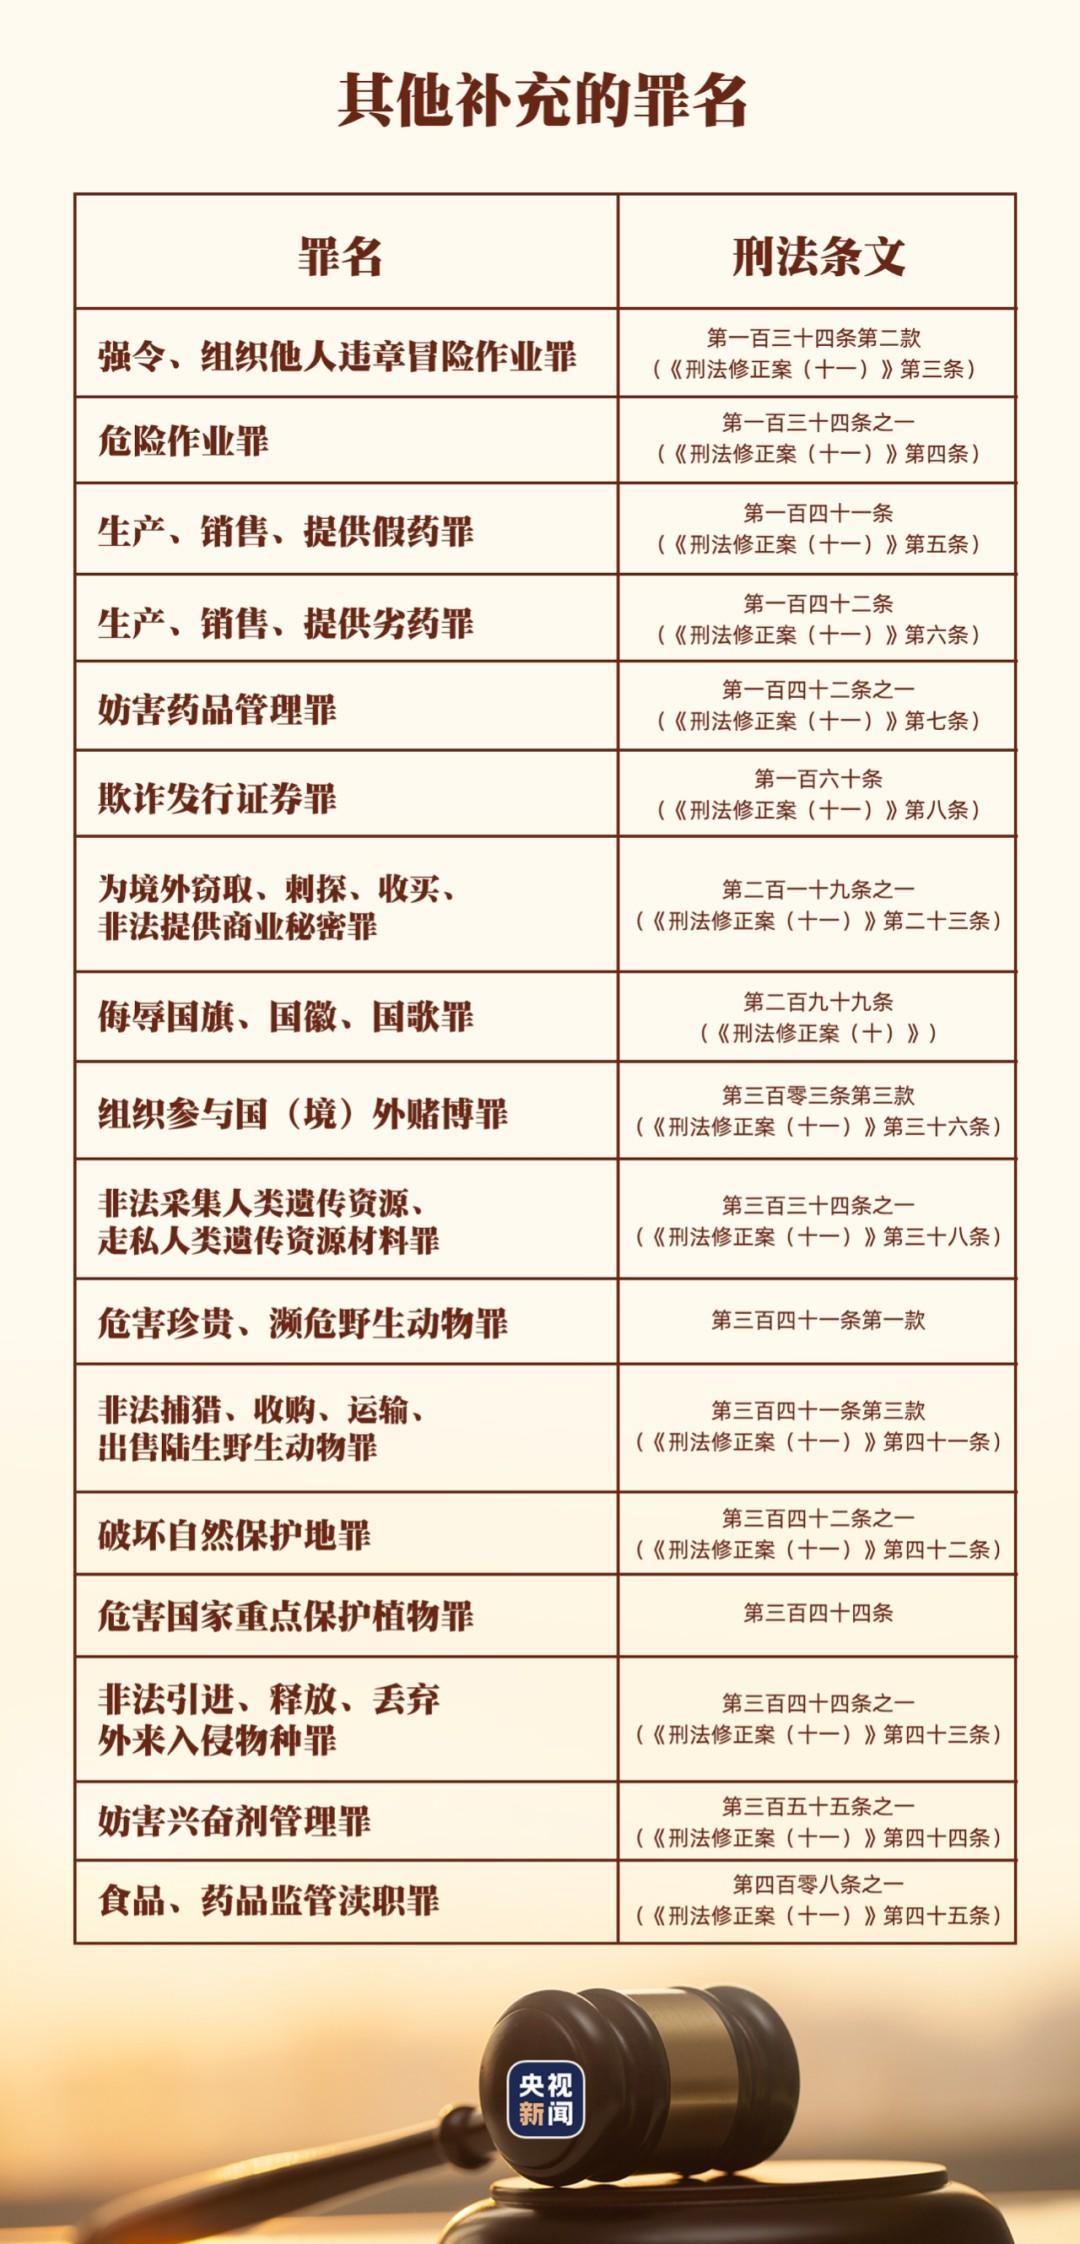 今天起,《中华人民共和国刑法修正案(十一)》将施行,这些行为入刑!